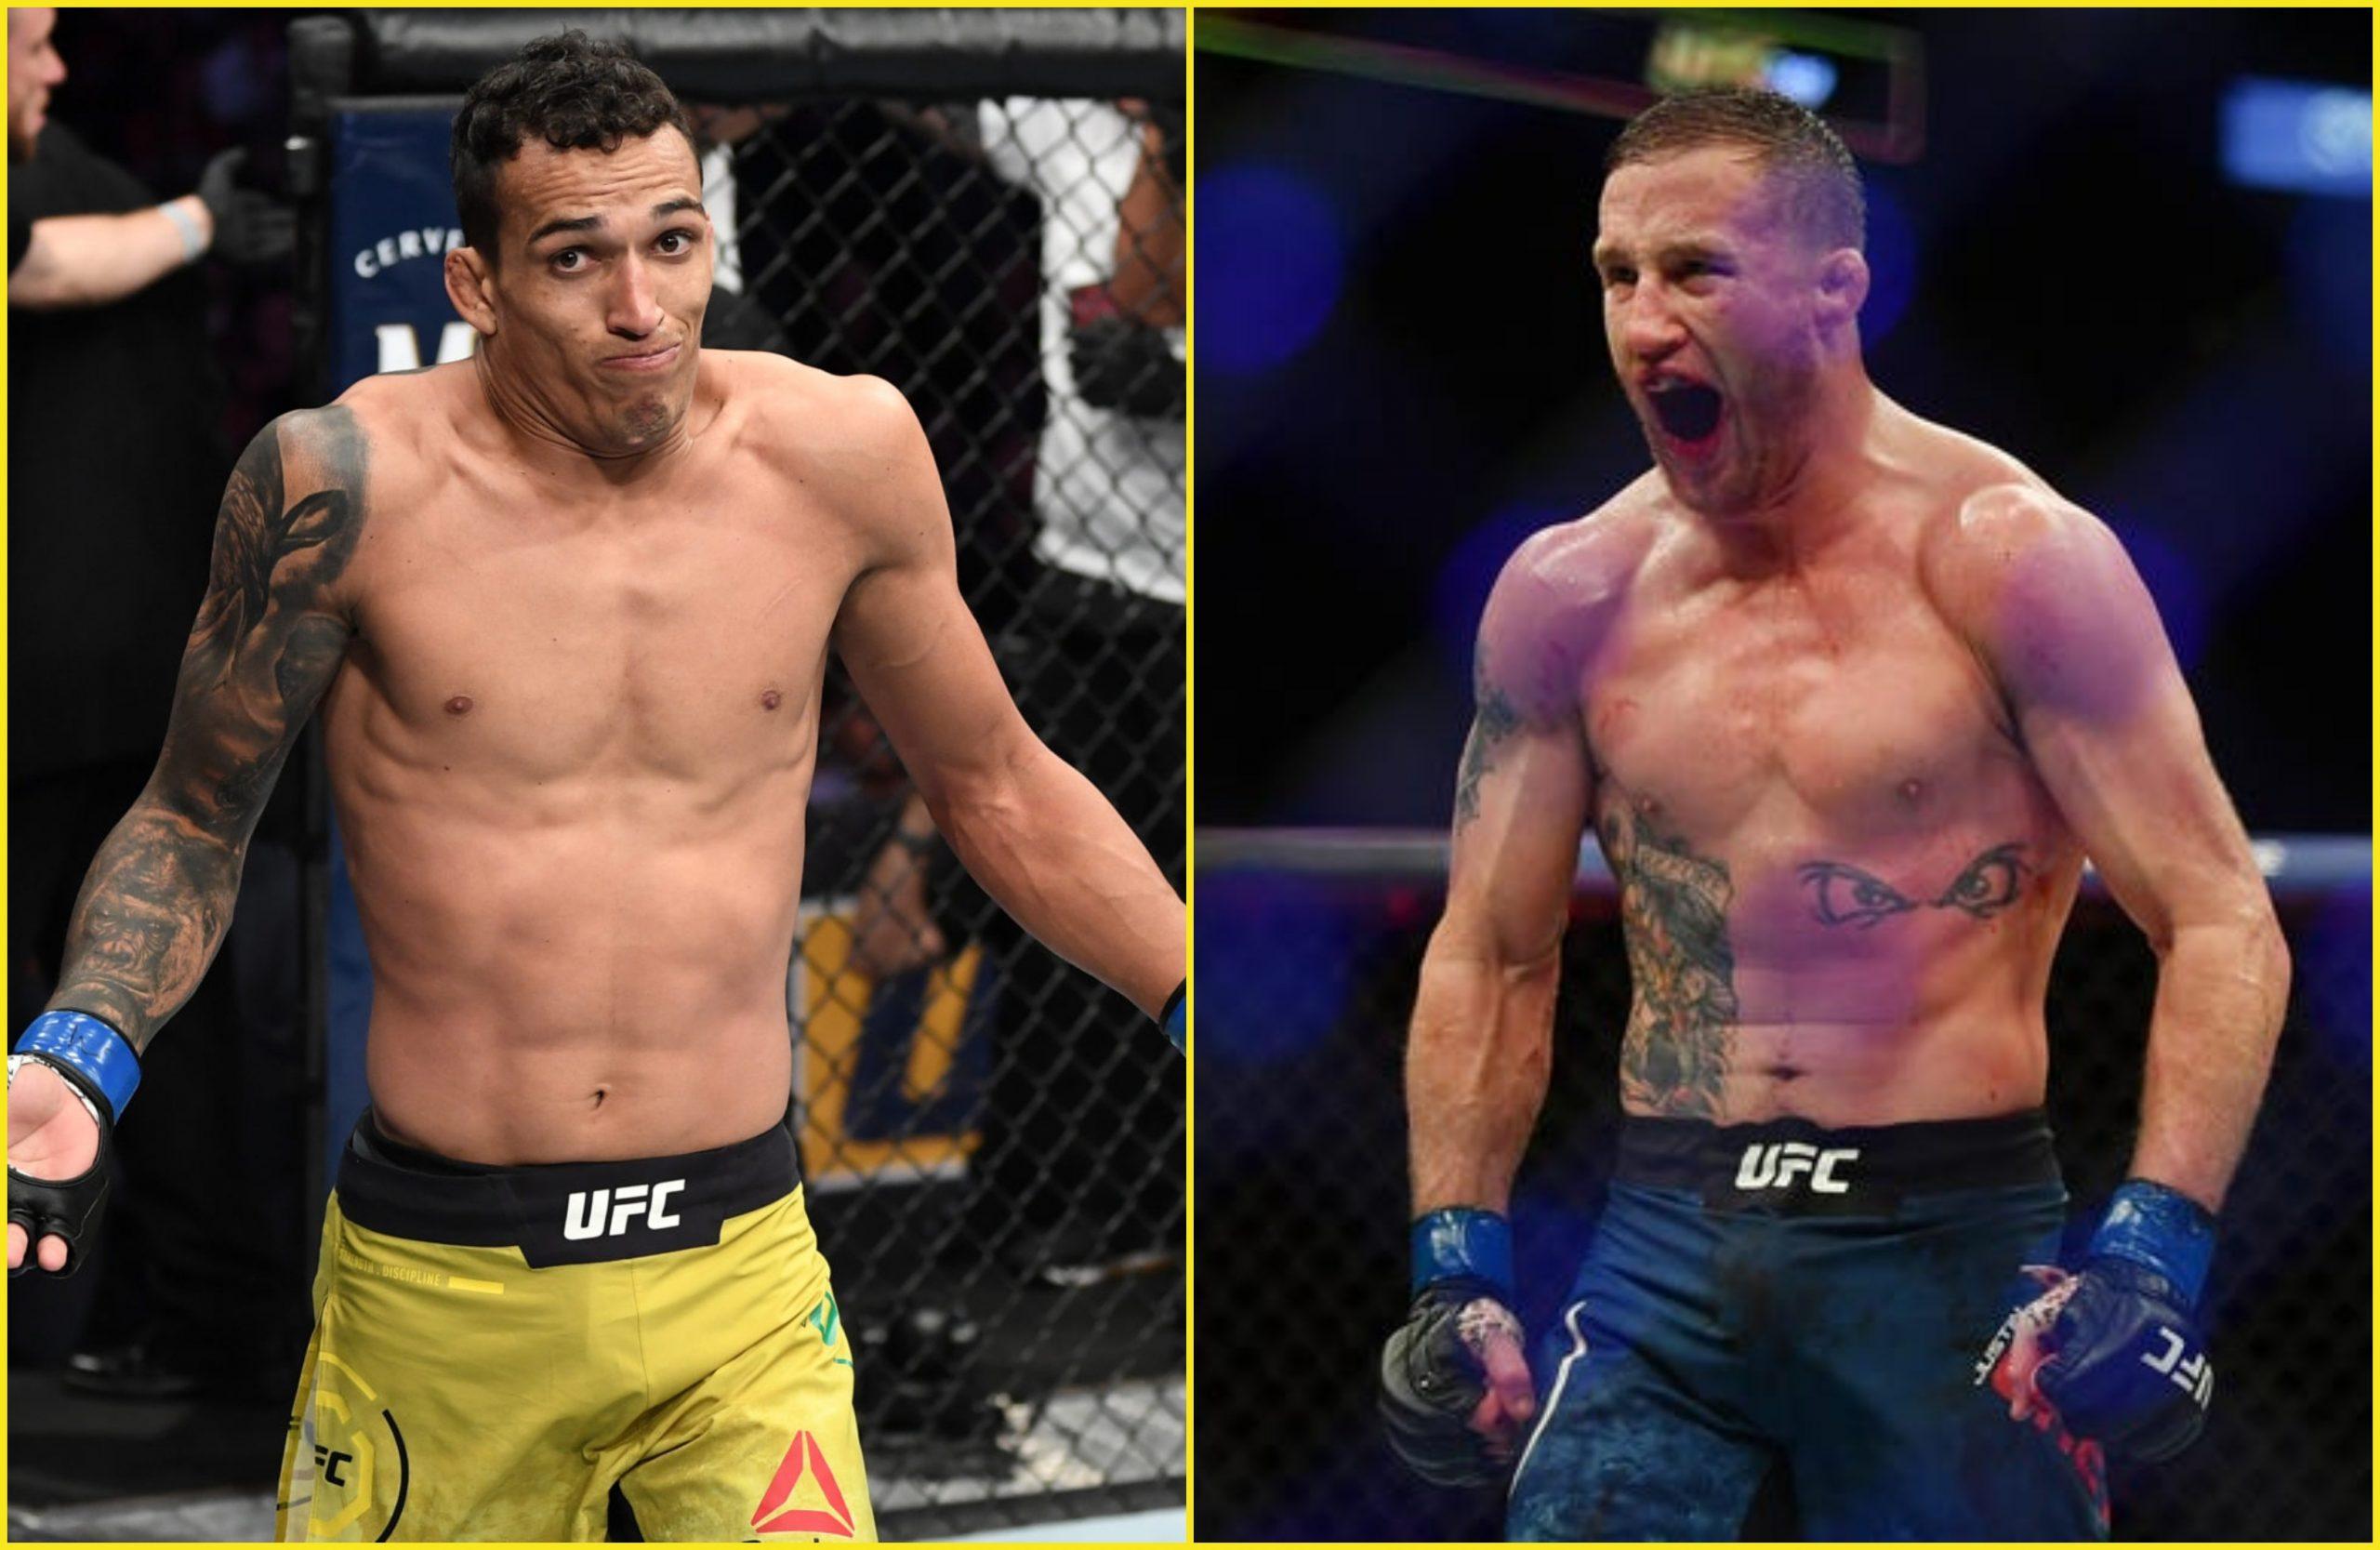 Justin Gaethje vs Charles Oliveira in works per Dana White - MMA INDIA